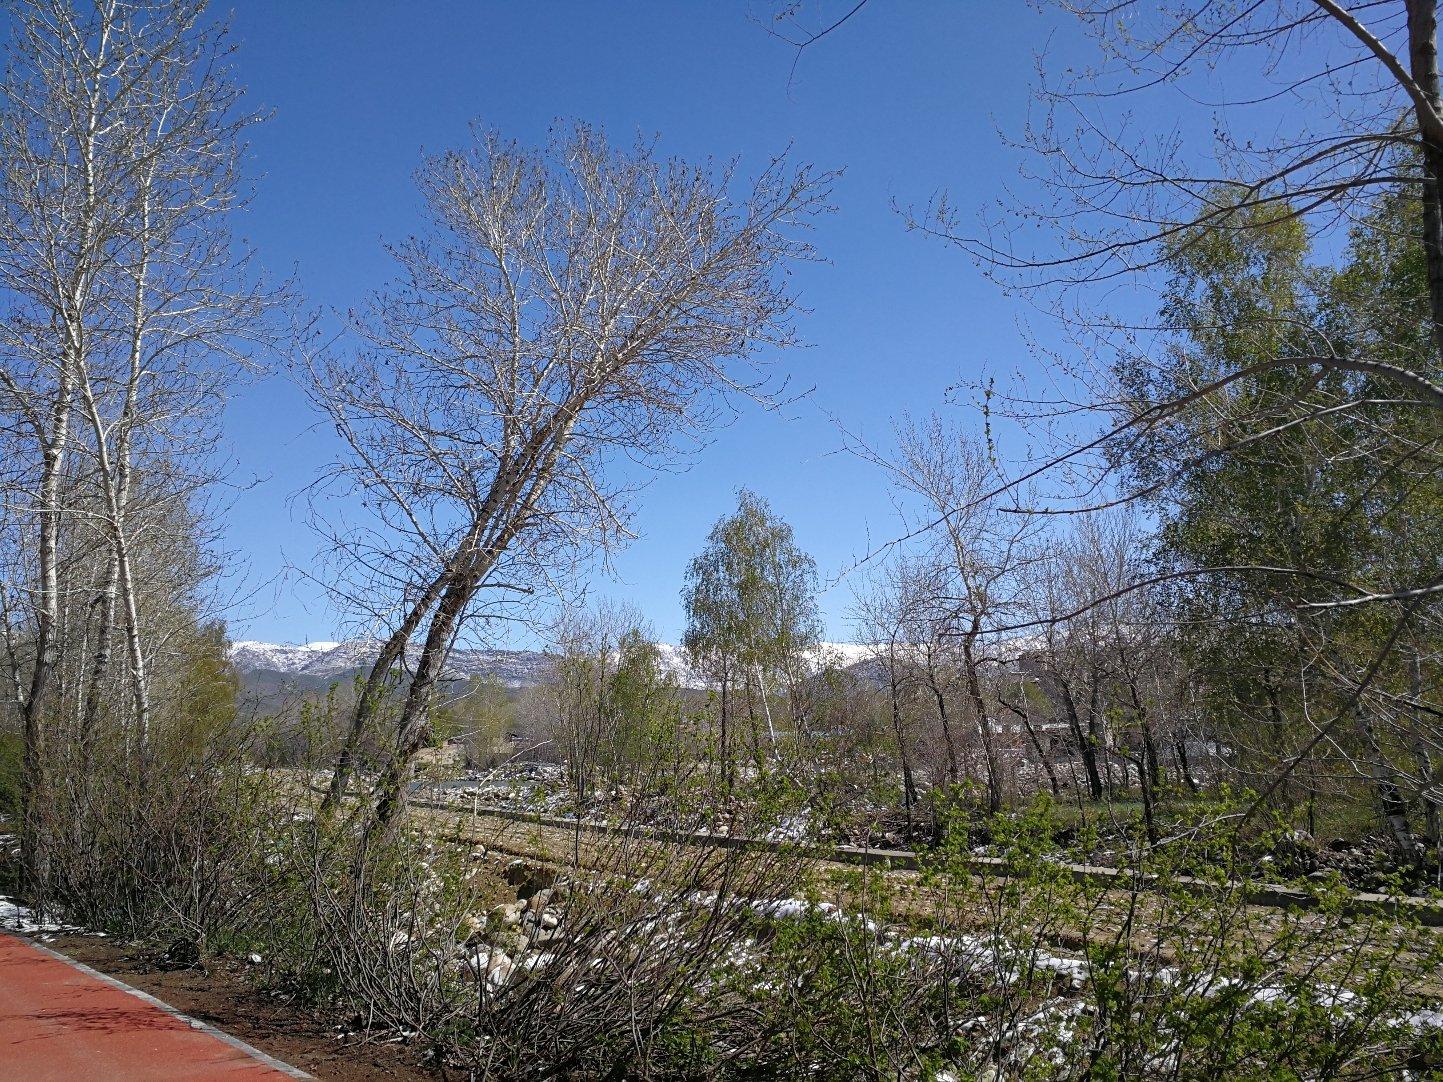 新疆维吾尔自治区阿勒泰地区阿勒泰市金山路街道阿勒泰市环境卫生管理队天气预报